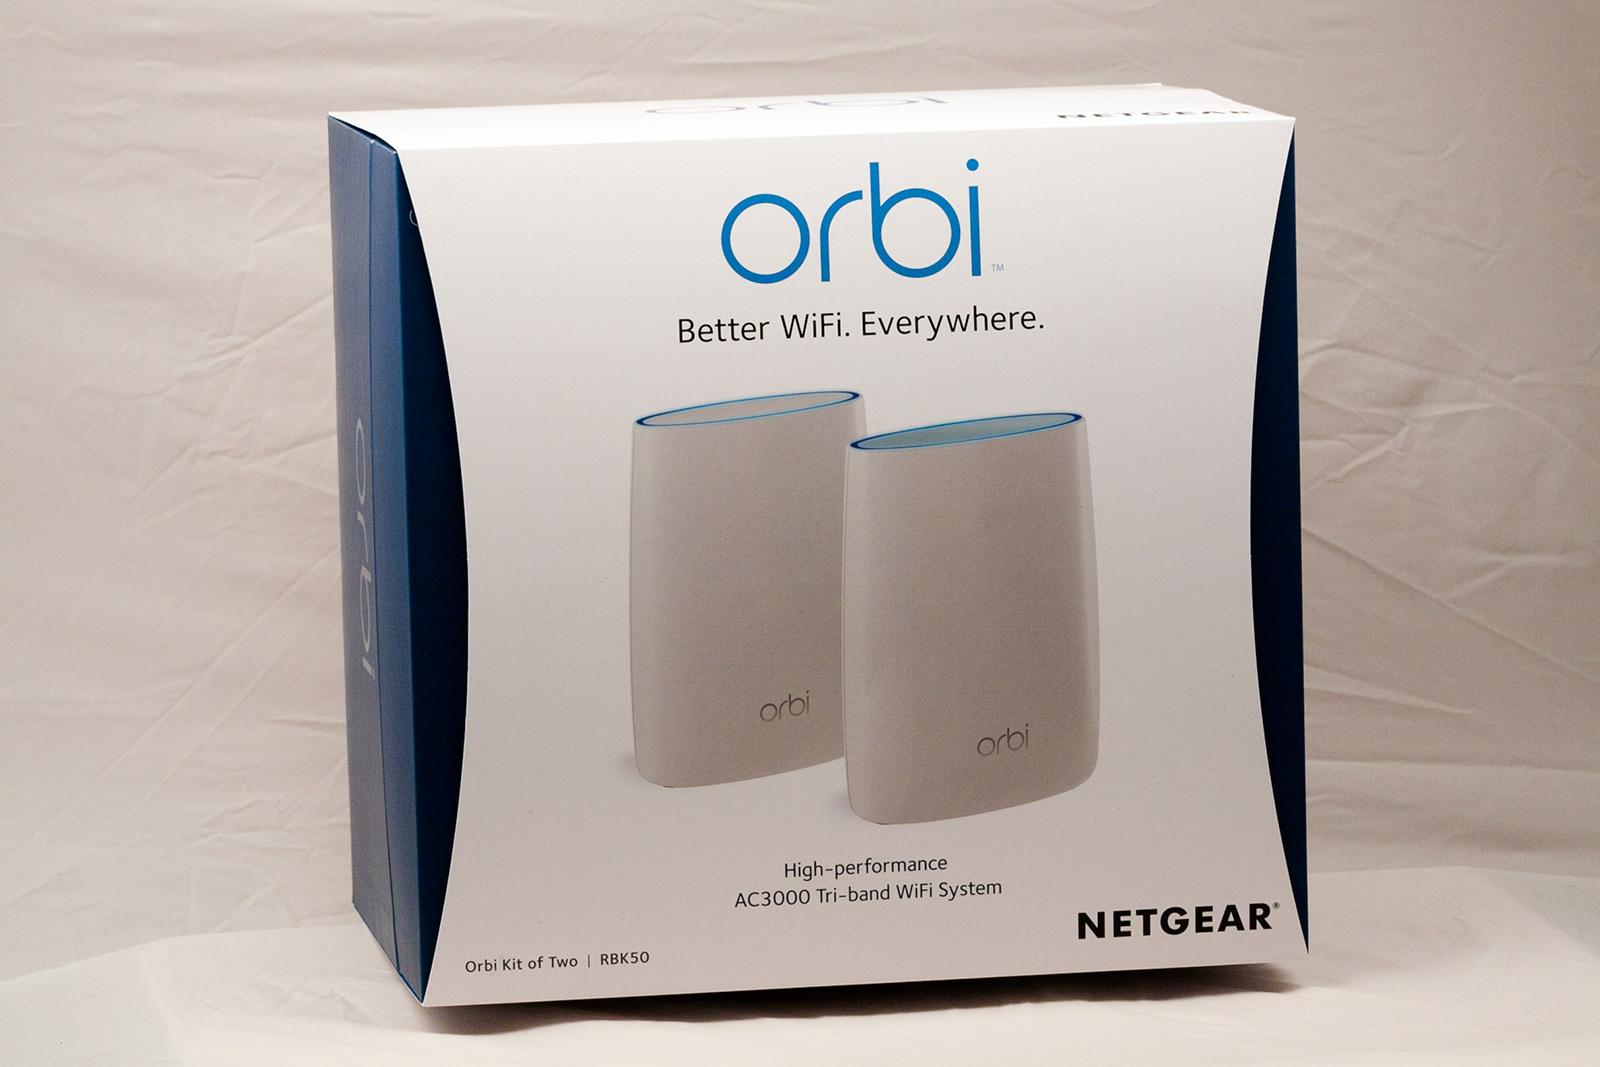 Test trådlös trippel: Toppbetyg för Netgears Orbi WiFi, Mimo-antenn och 4G LTE Modem